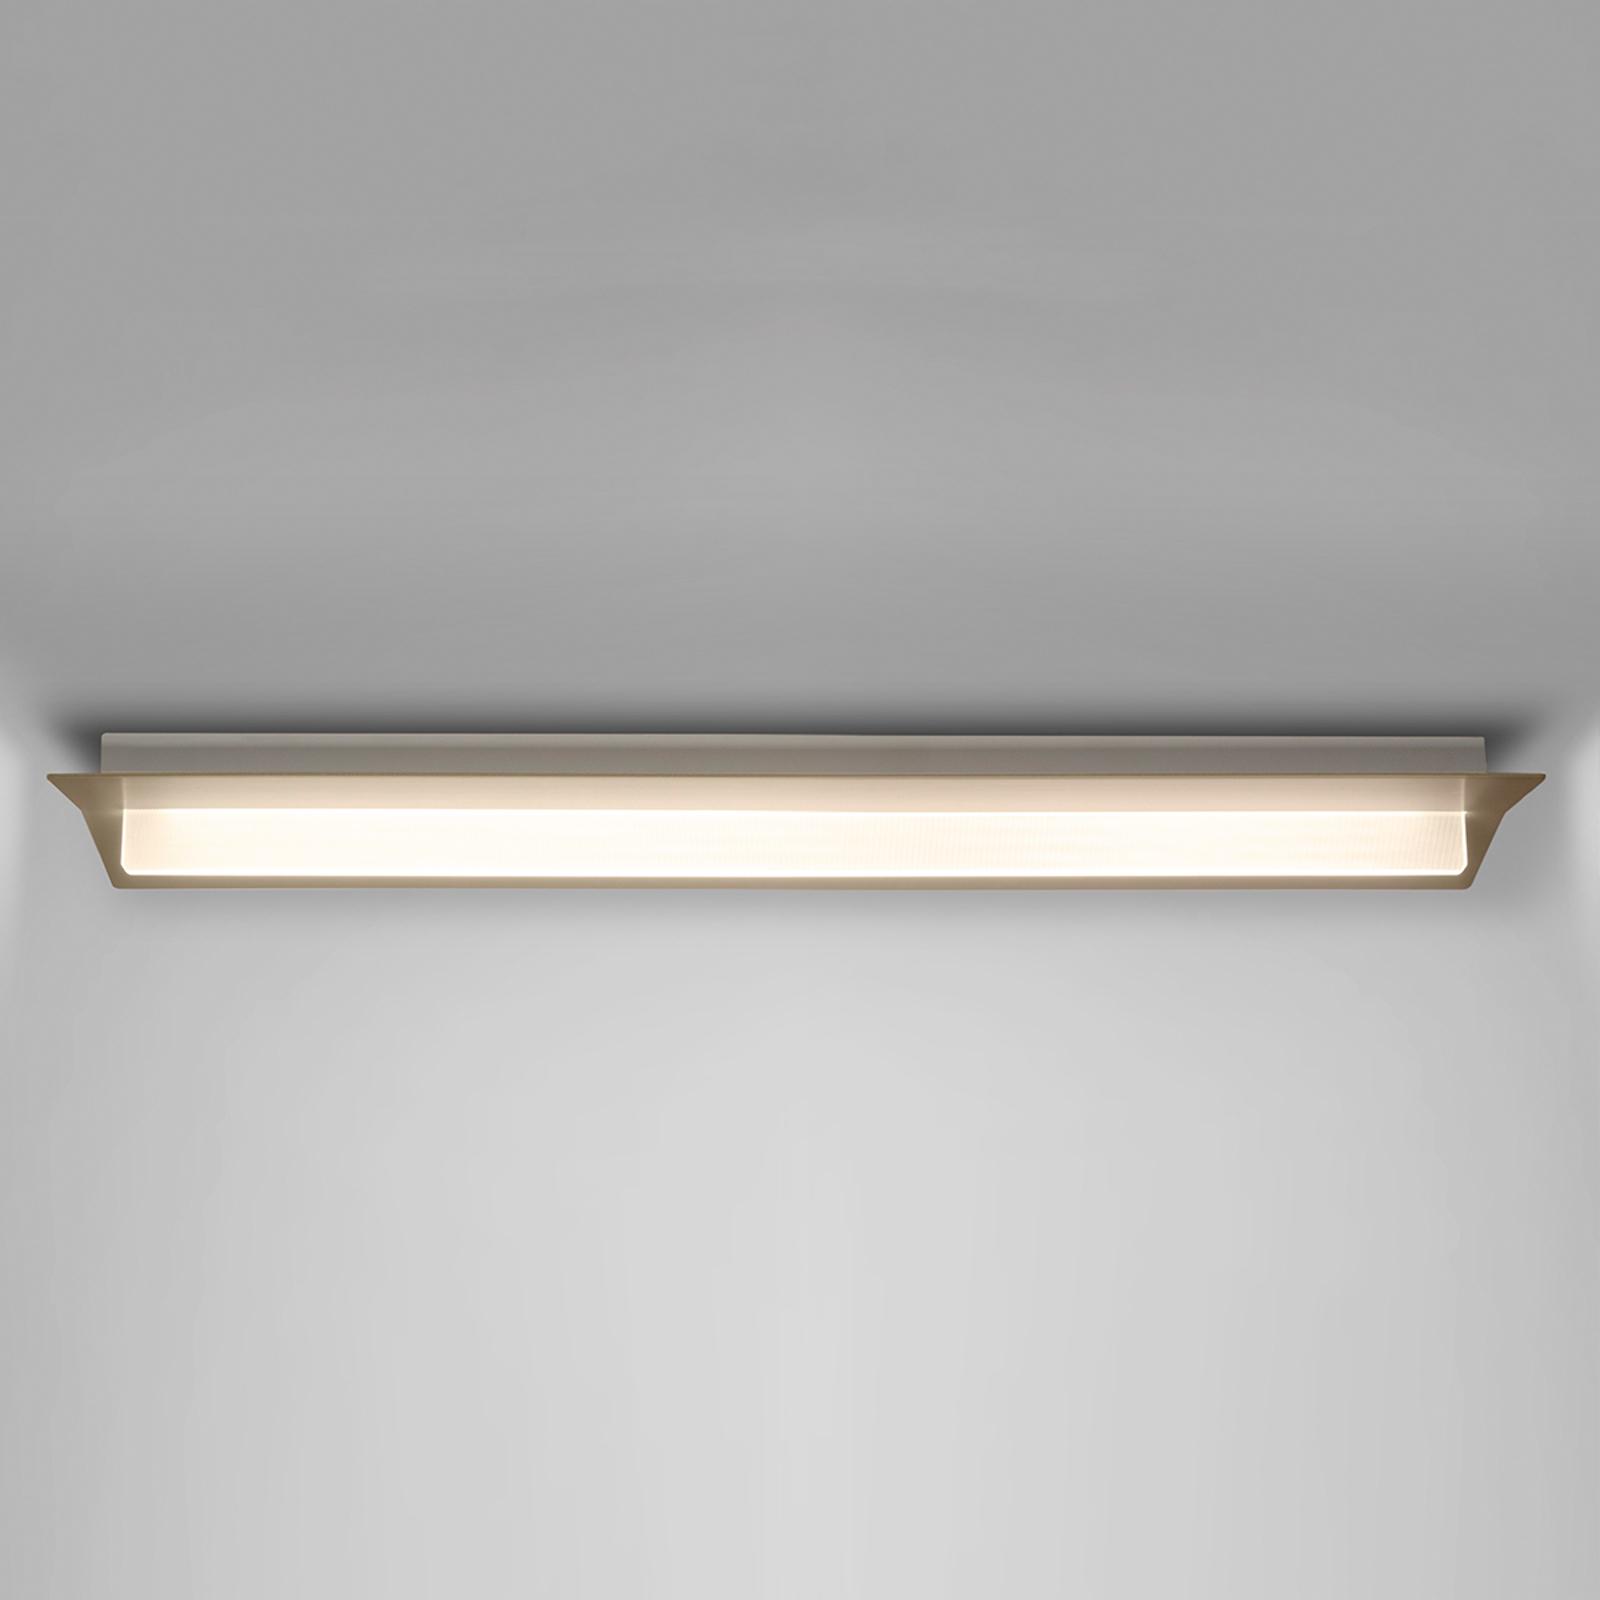 Plafonnier LED Flurry, 100cm, bronze